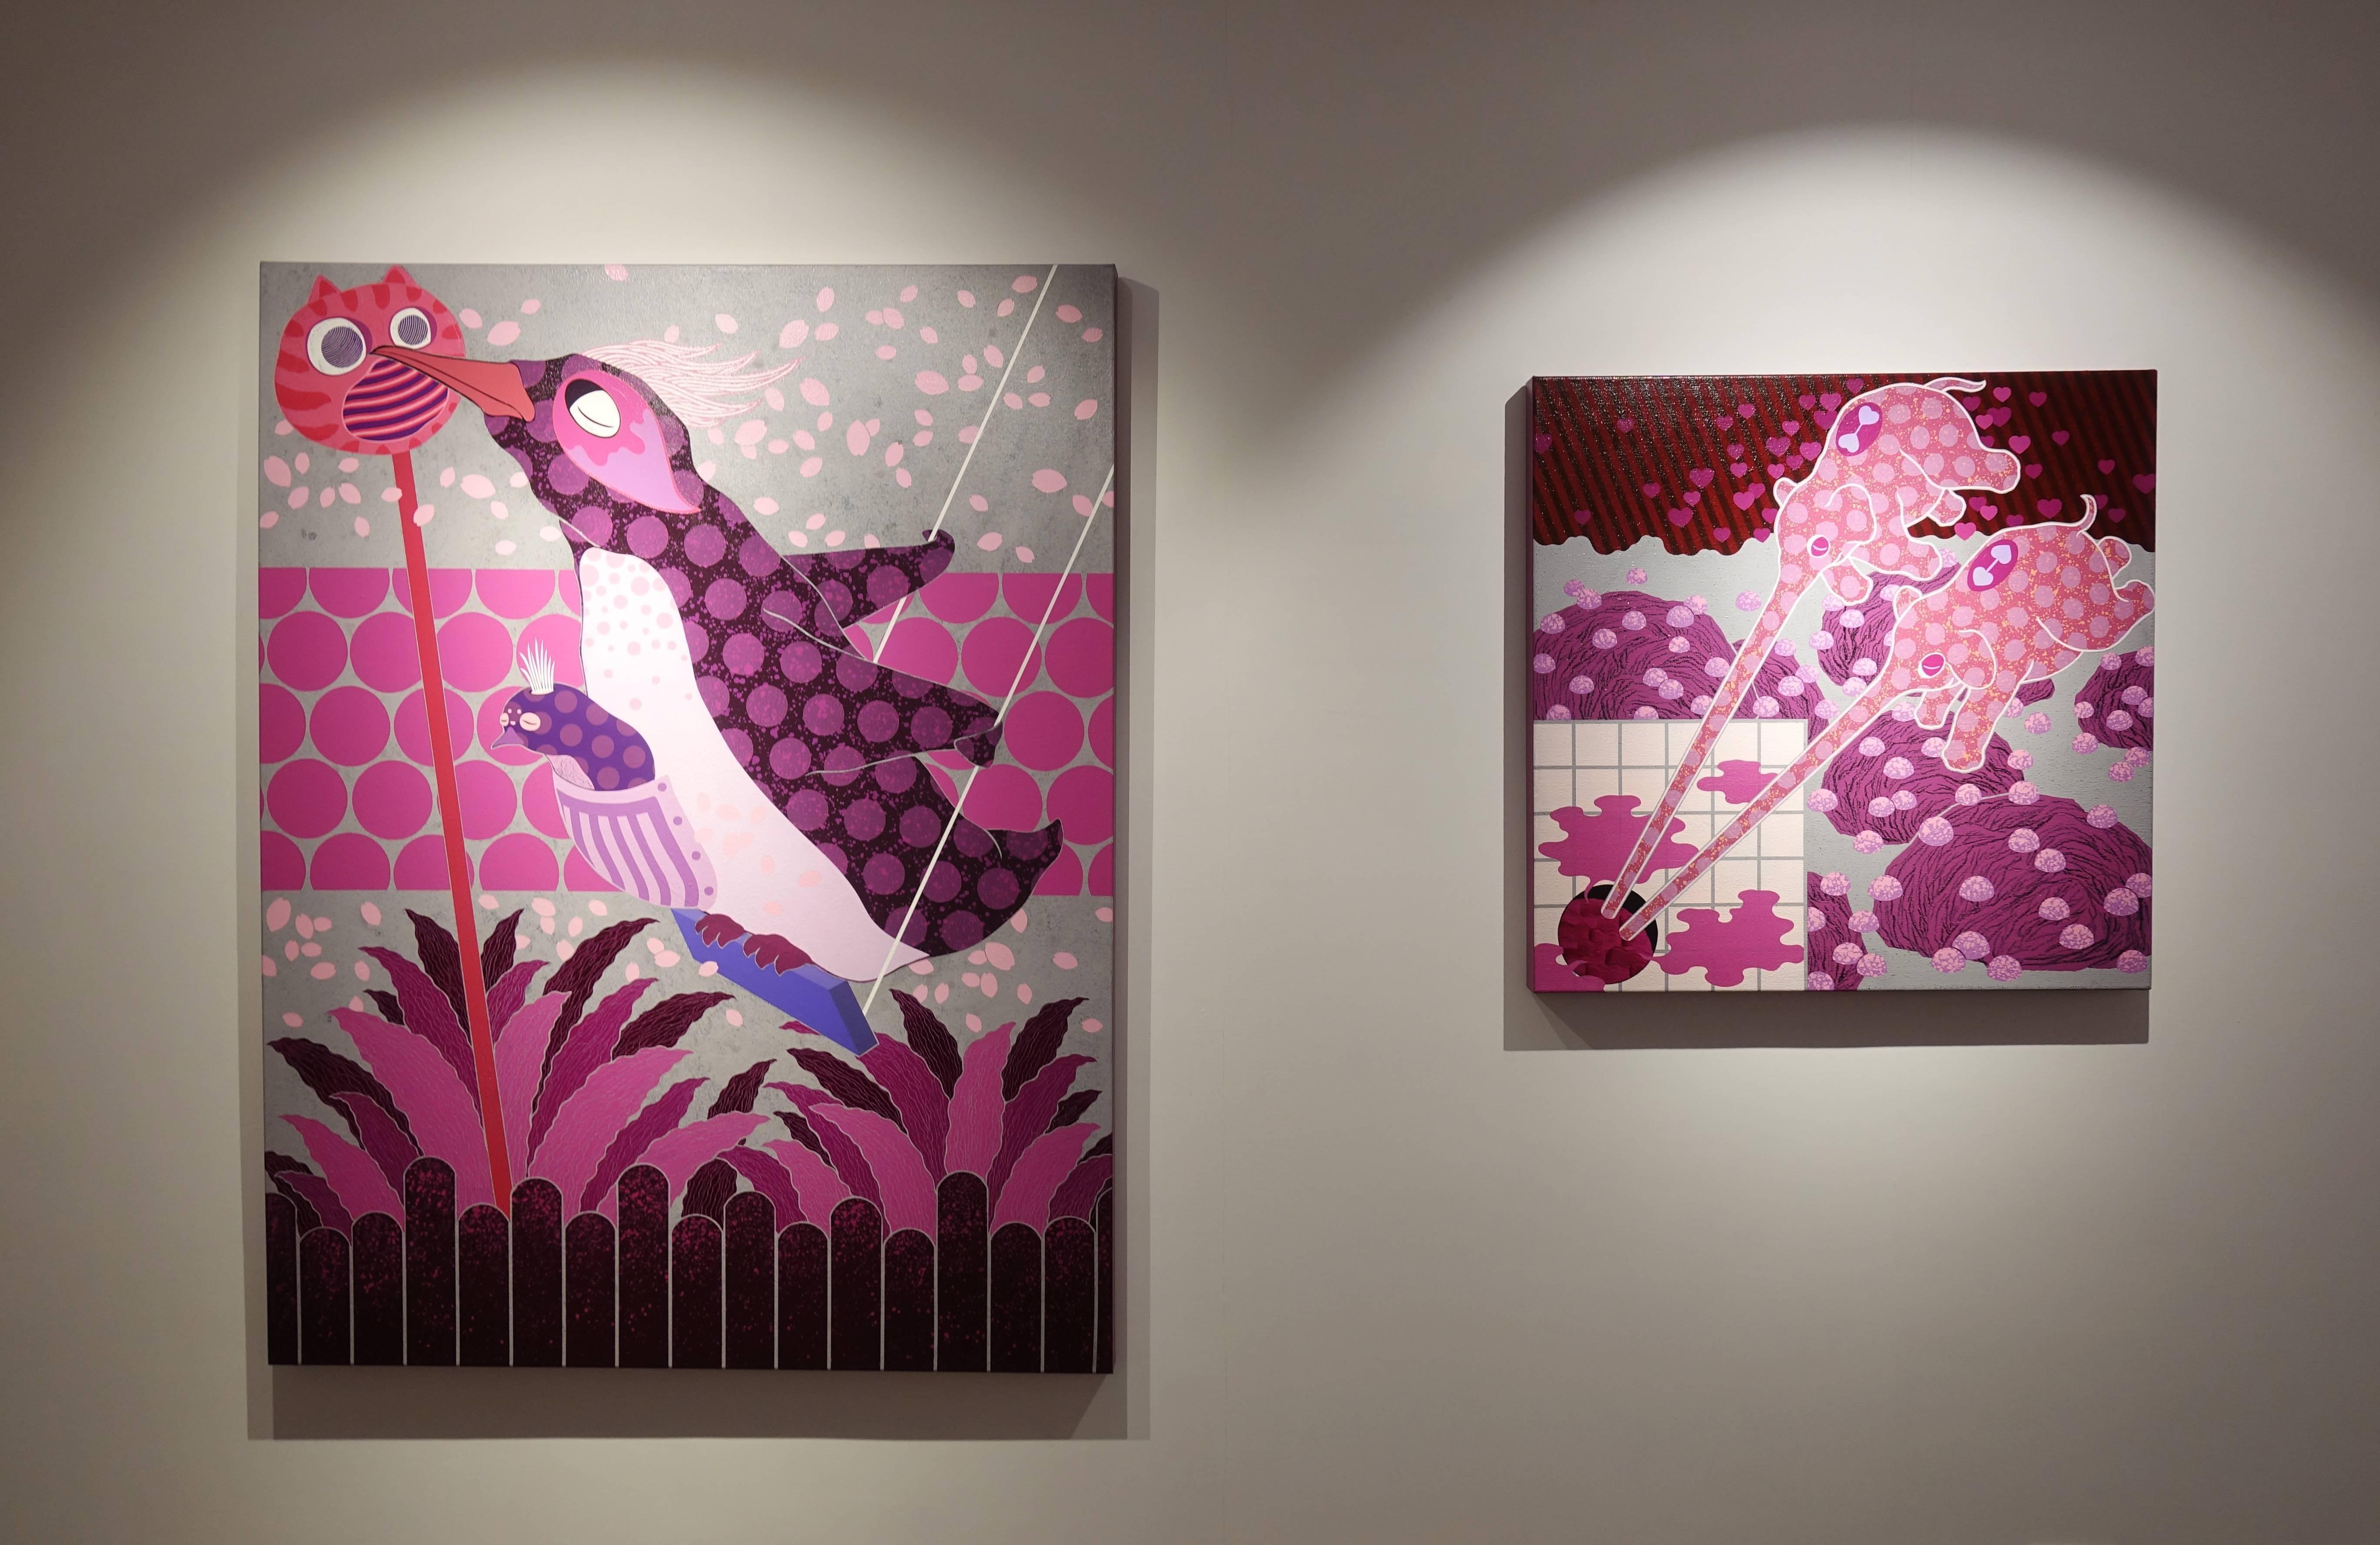 廖堉安,《Kiss練習Kiss Practice》,壓克力、畫布,145x112 cm,2018(左)。廖堉安,《惺惺相吸Freemasonry》,壓克力、畫布,80x80 cm,2018(右)。